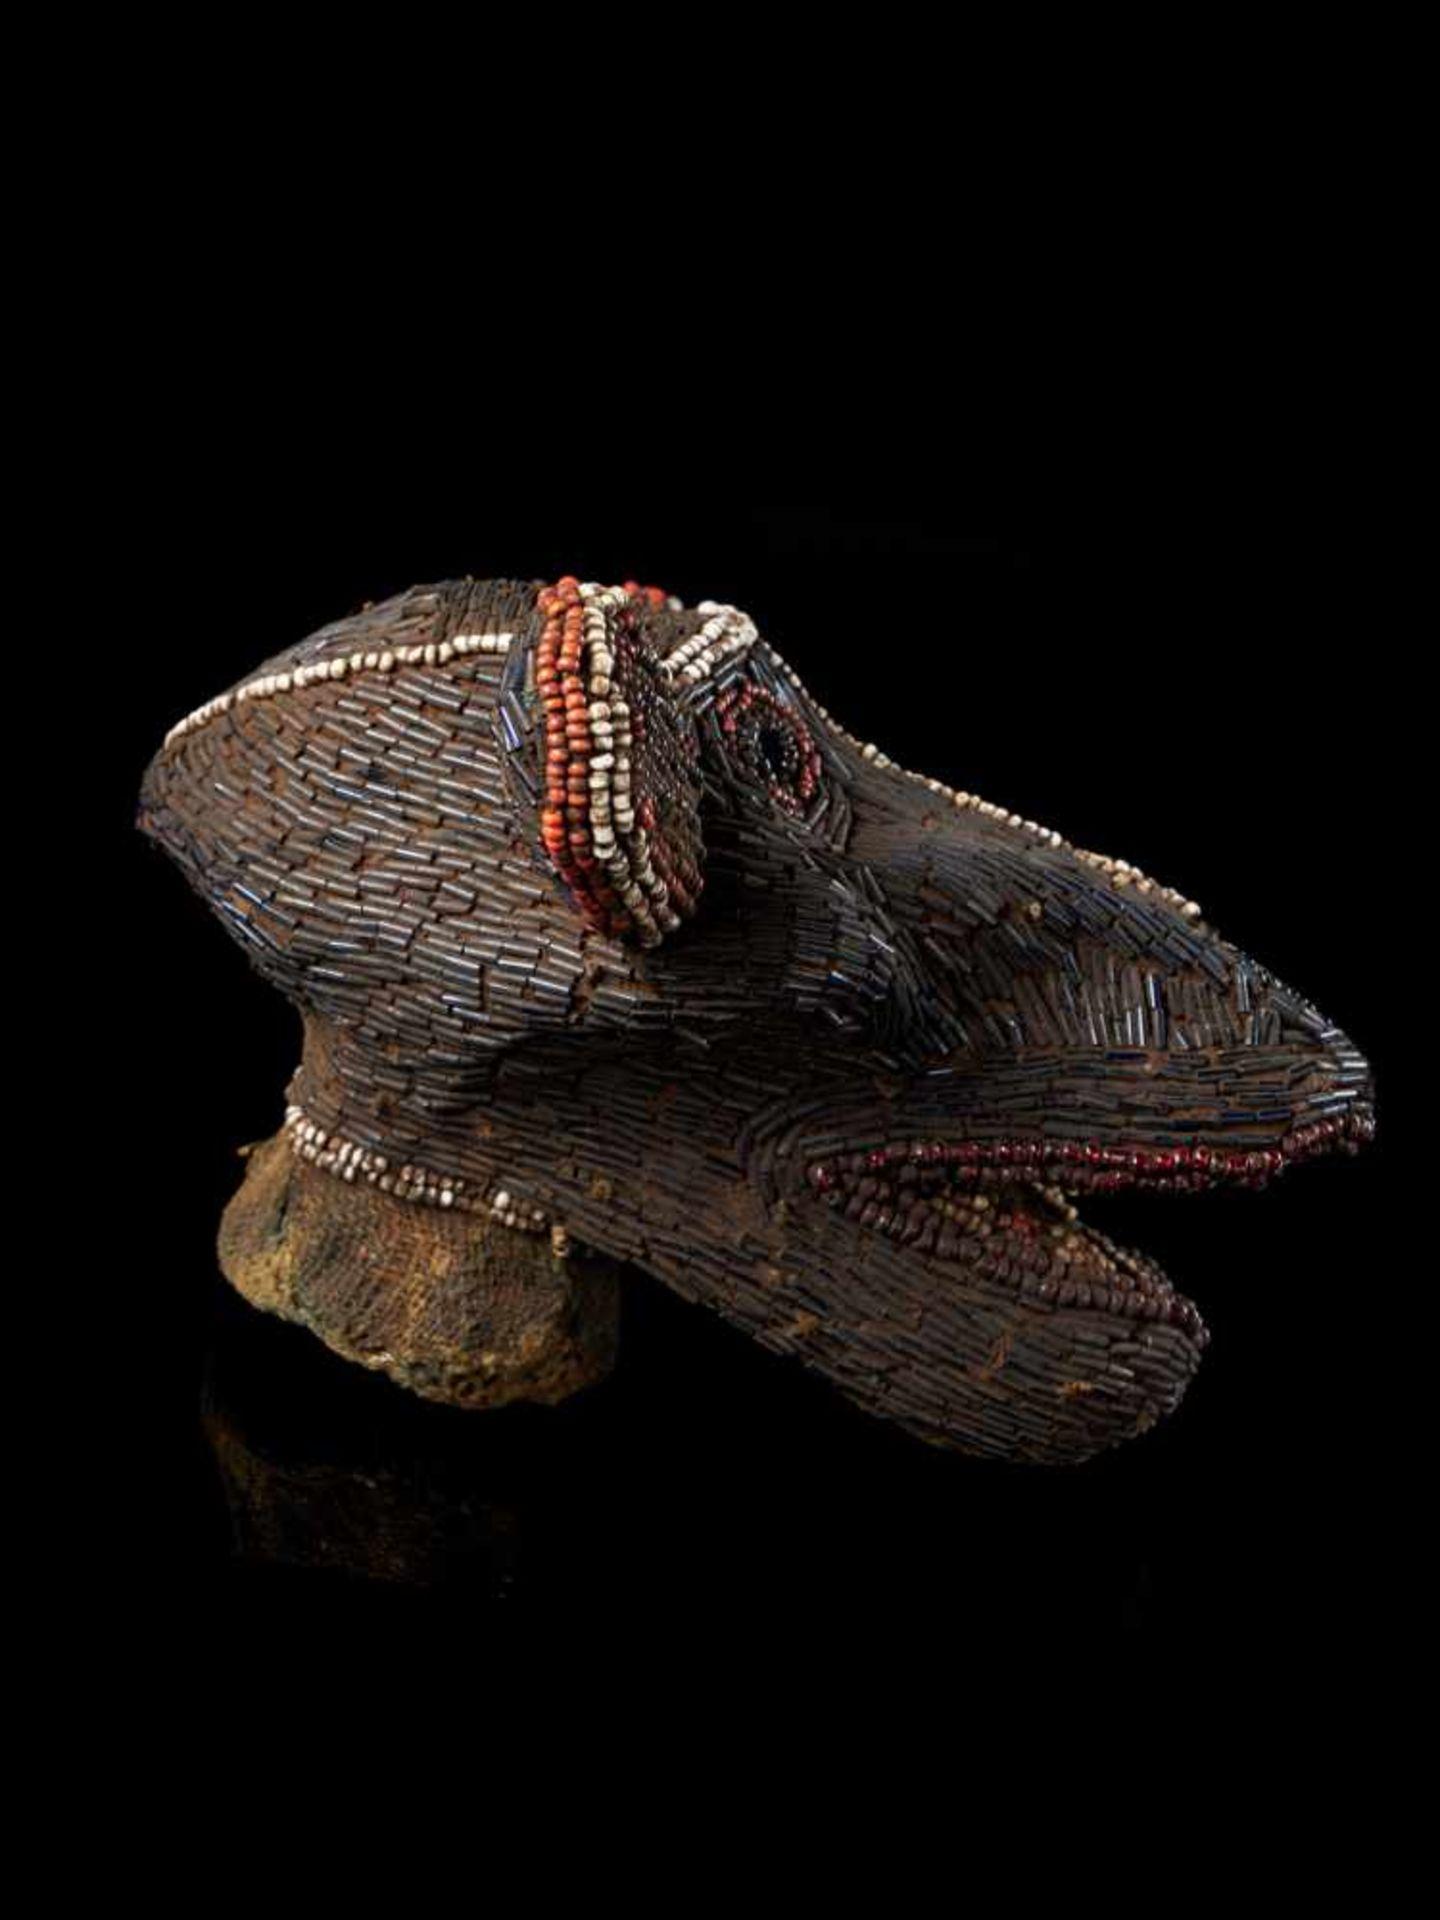 Beaded Monkey Head - Tribal ArtThis beaded monkey head has a striking gaunt appearance. It is - Bild 3 aus 5